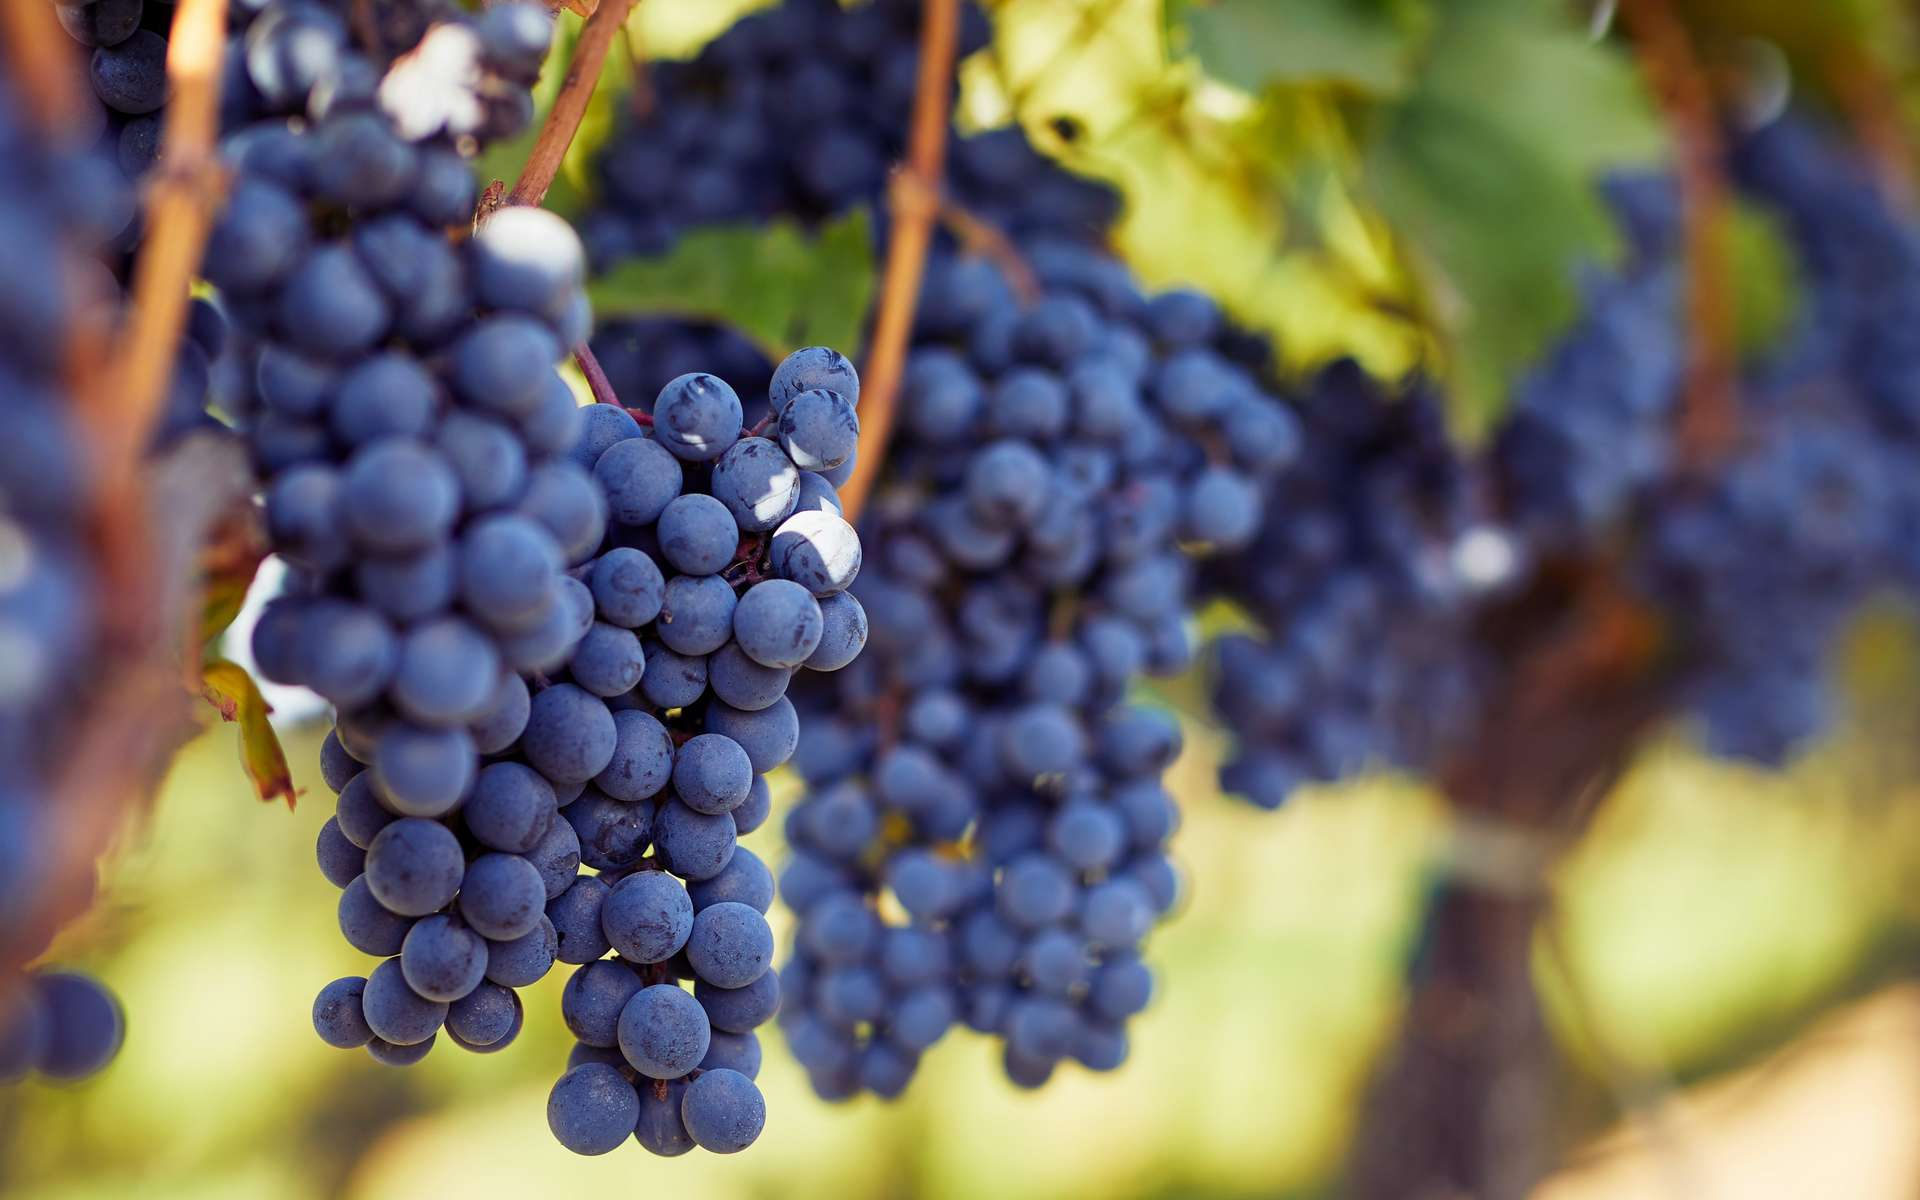 Le raisin rouge pousse sur des ceps qui sont vendangés à l'automne. © Rostislav Sedlacek, Adobe Stock